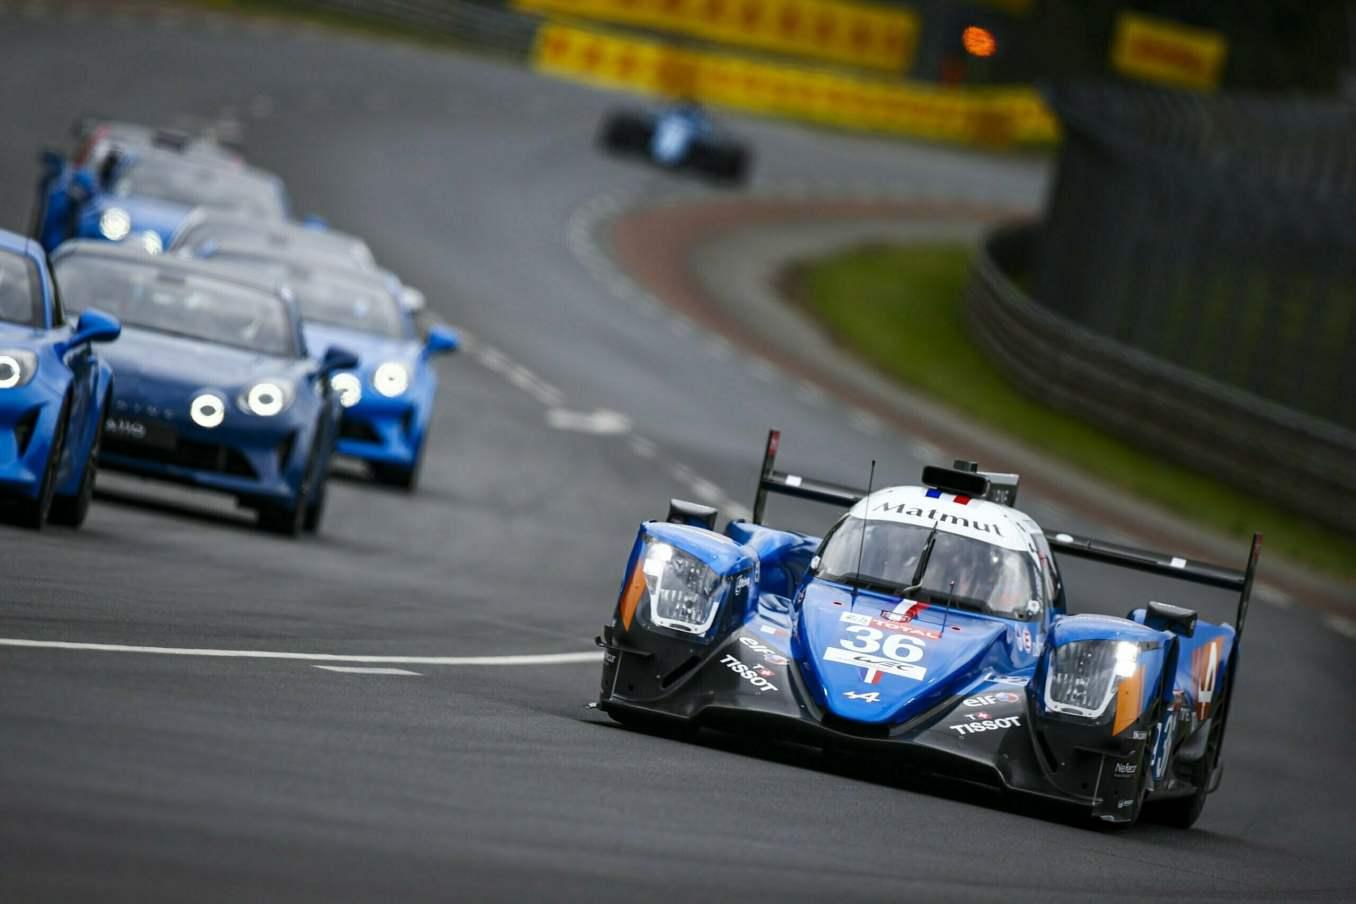 Une F1 aux 24h du Mans et une parade impregnee de passion 3 scaled | Les 24h du mans d'Alpine Endurance Team en photos